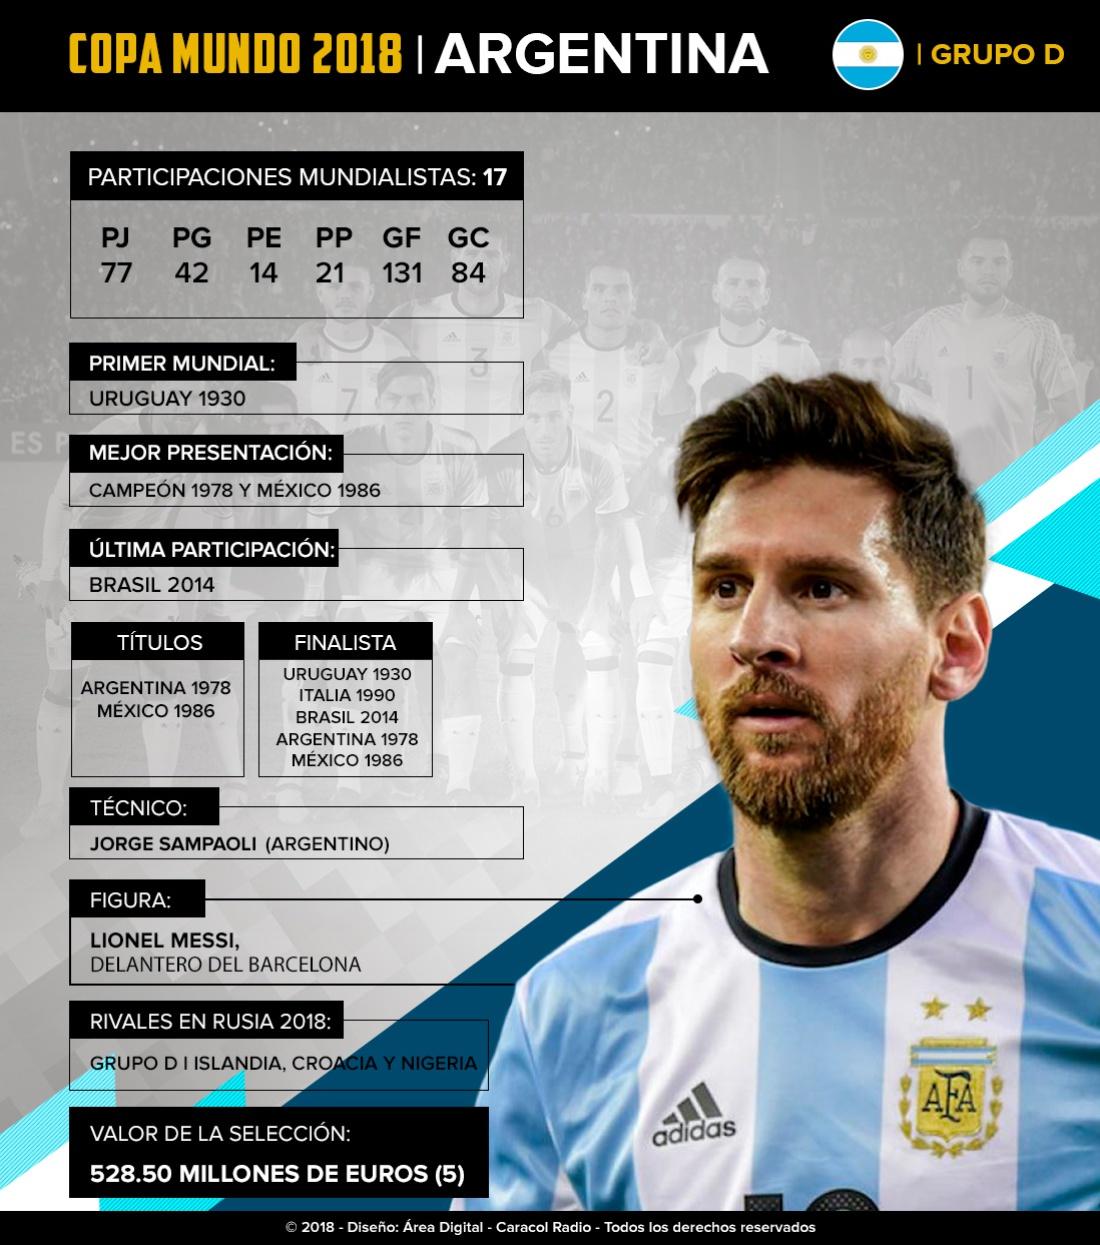 Mundial 2018: Argentina: Messi guiará a la 'Albiceleste' en busca de su tercer Mundial